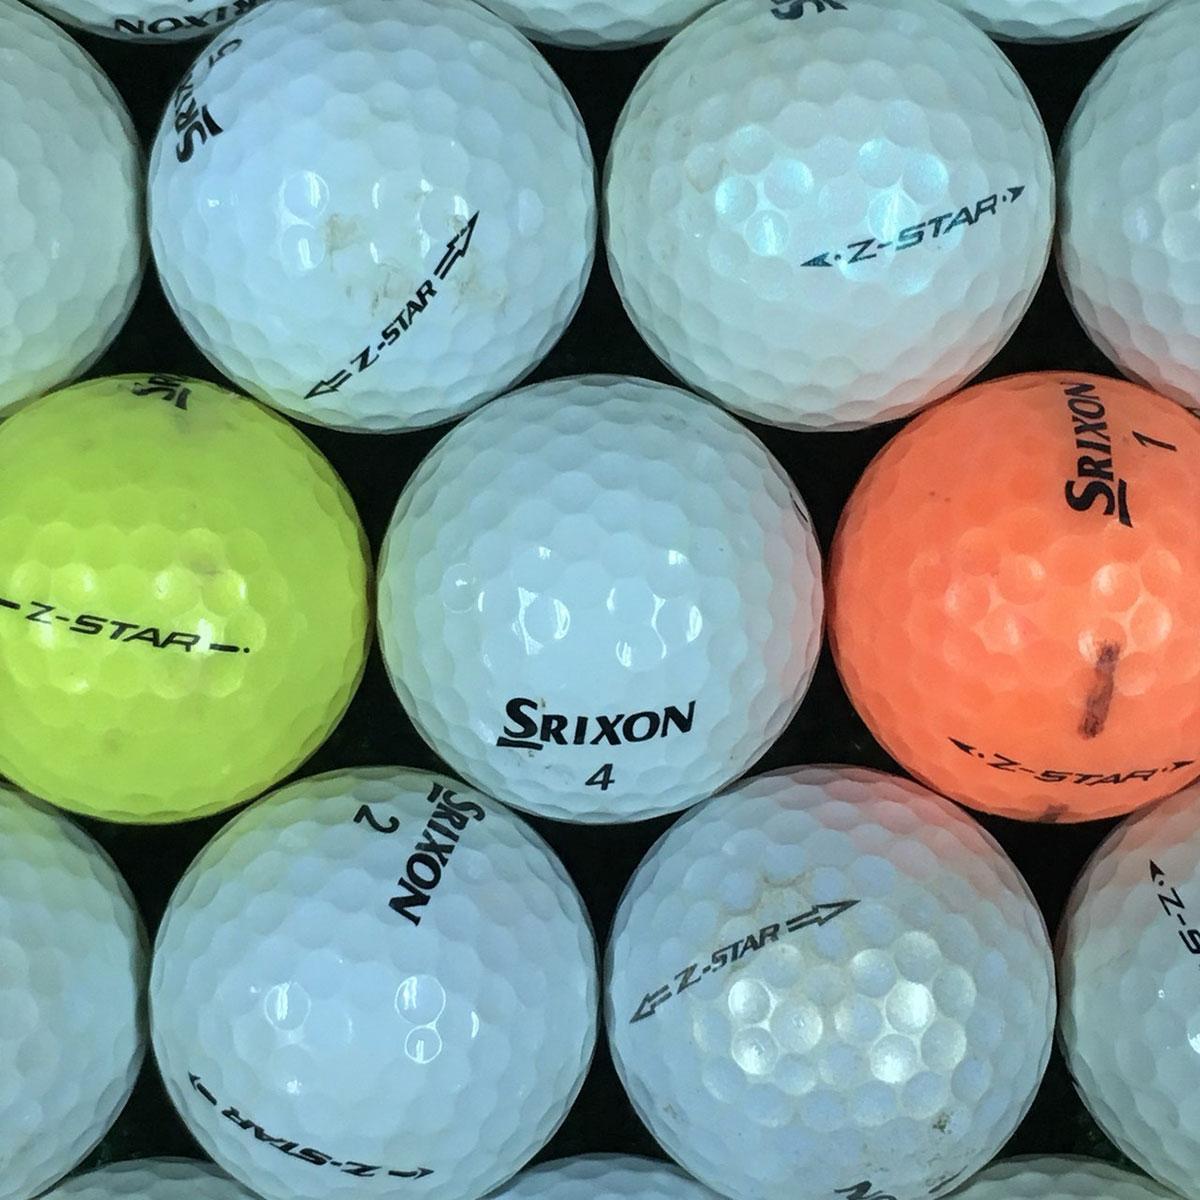 【4/14(日)までお得なクーポン配布中♪】ロストボール Lost Ball SRIXON Z-STAR 練習用ボール 500個セット